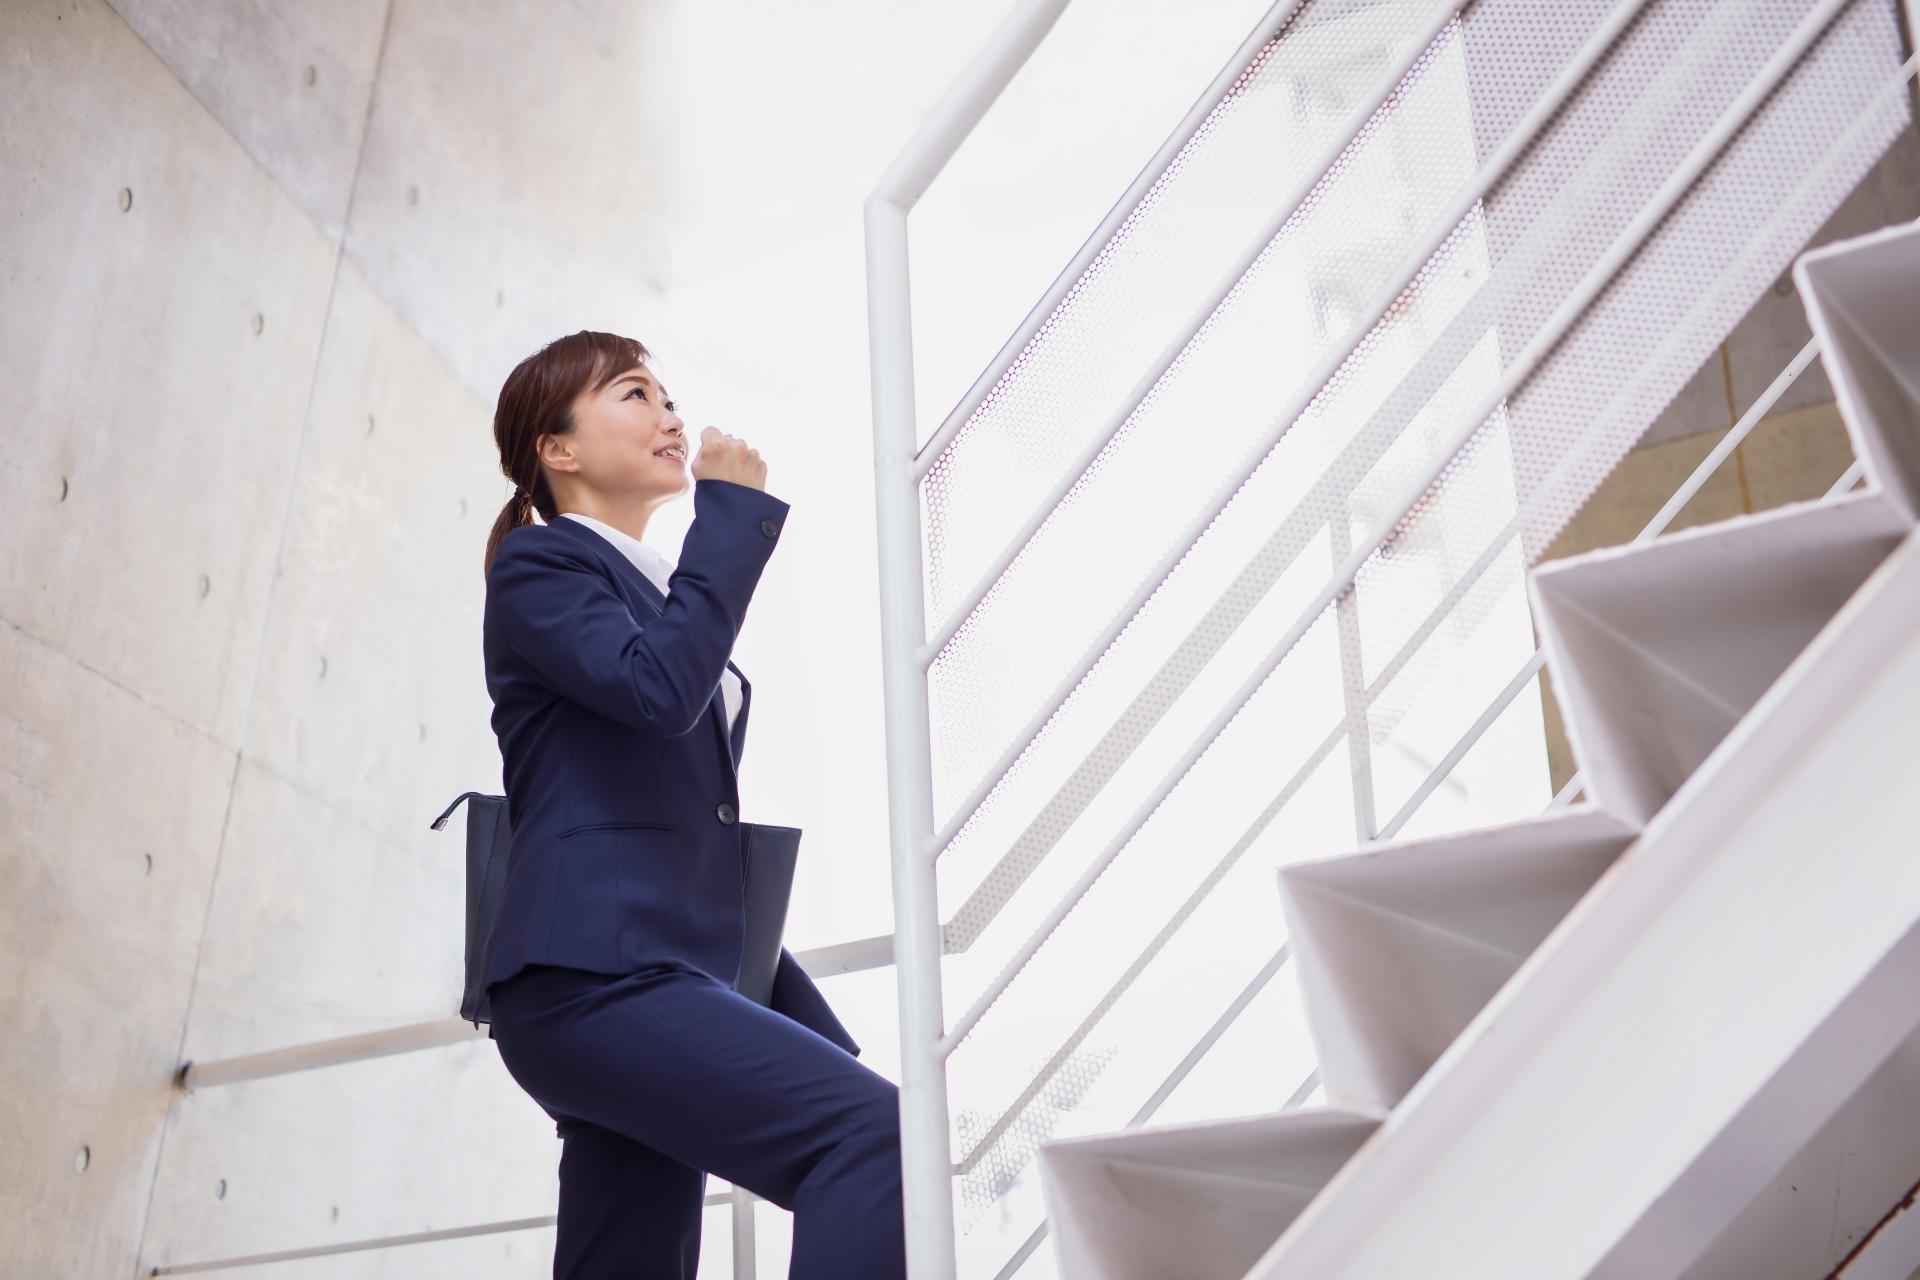 食後に階段を登る女性